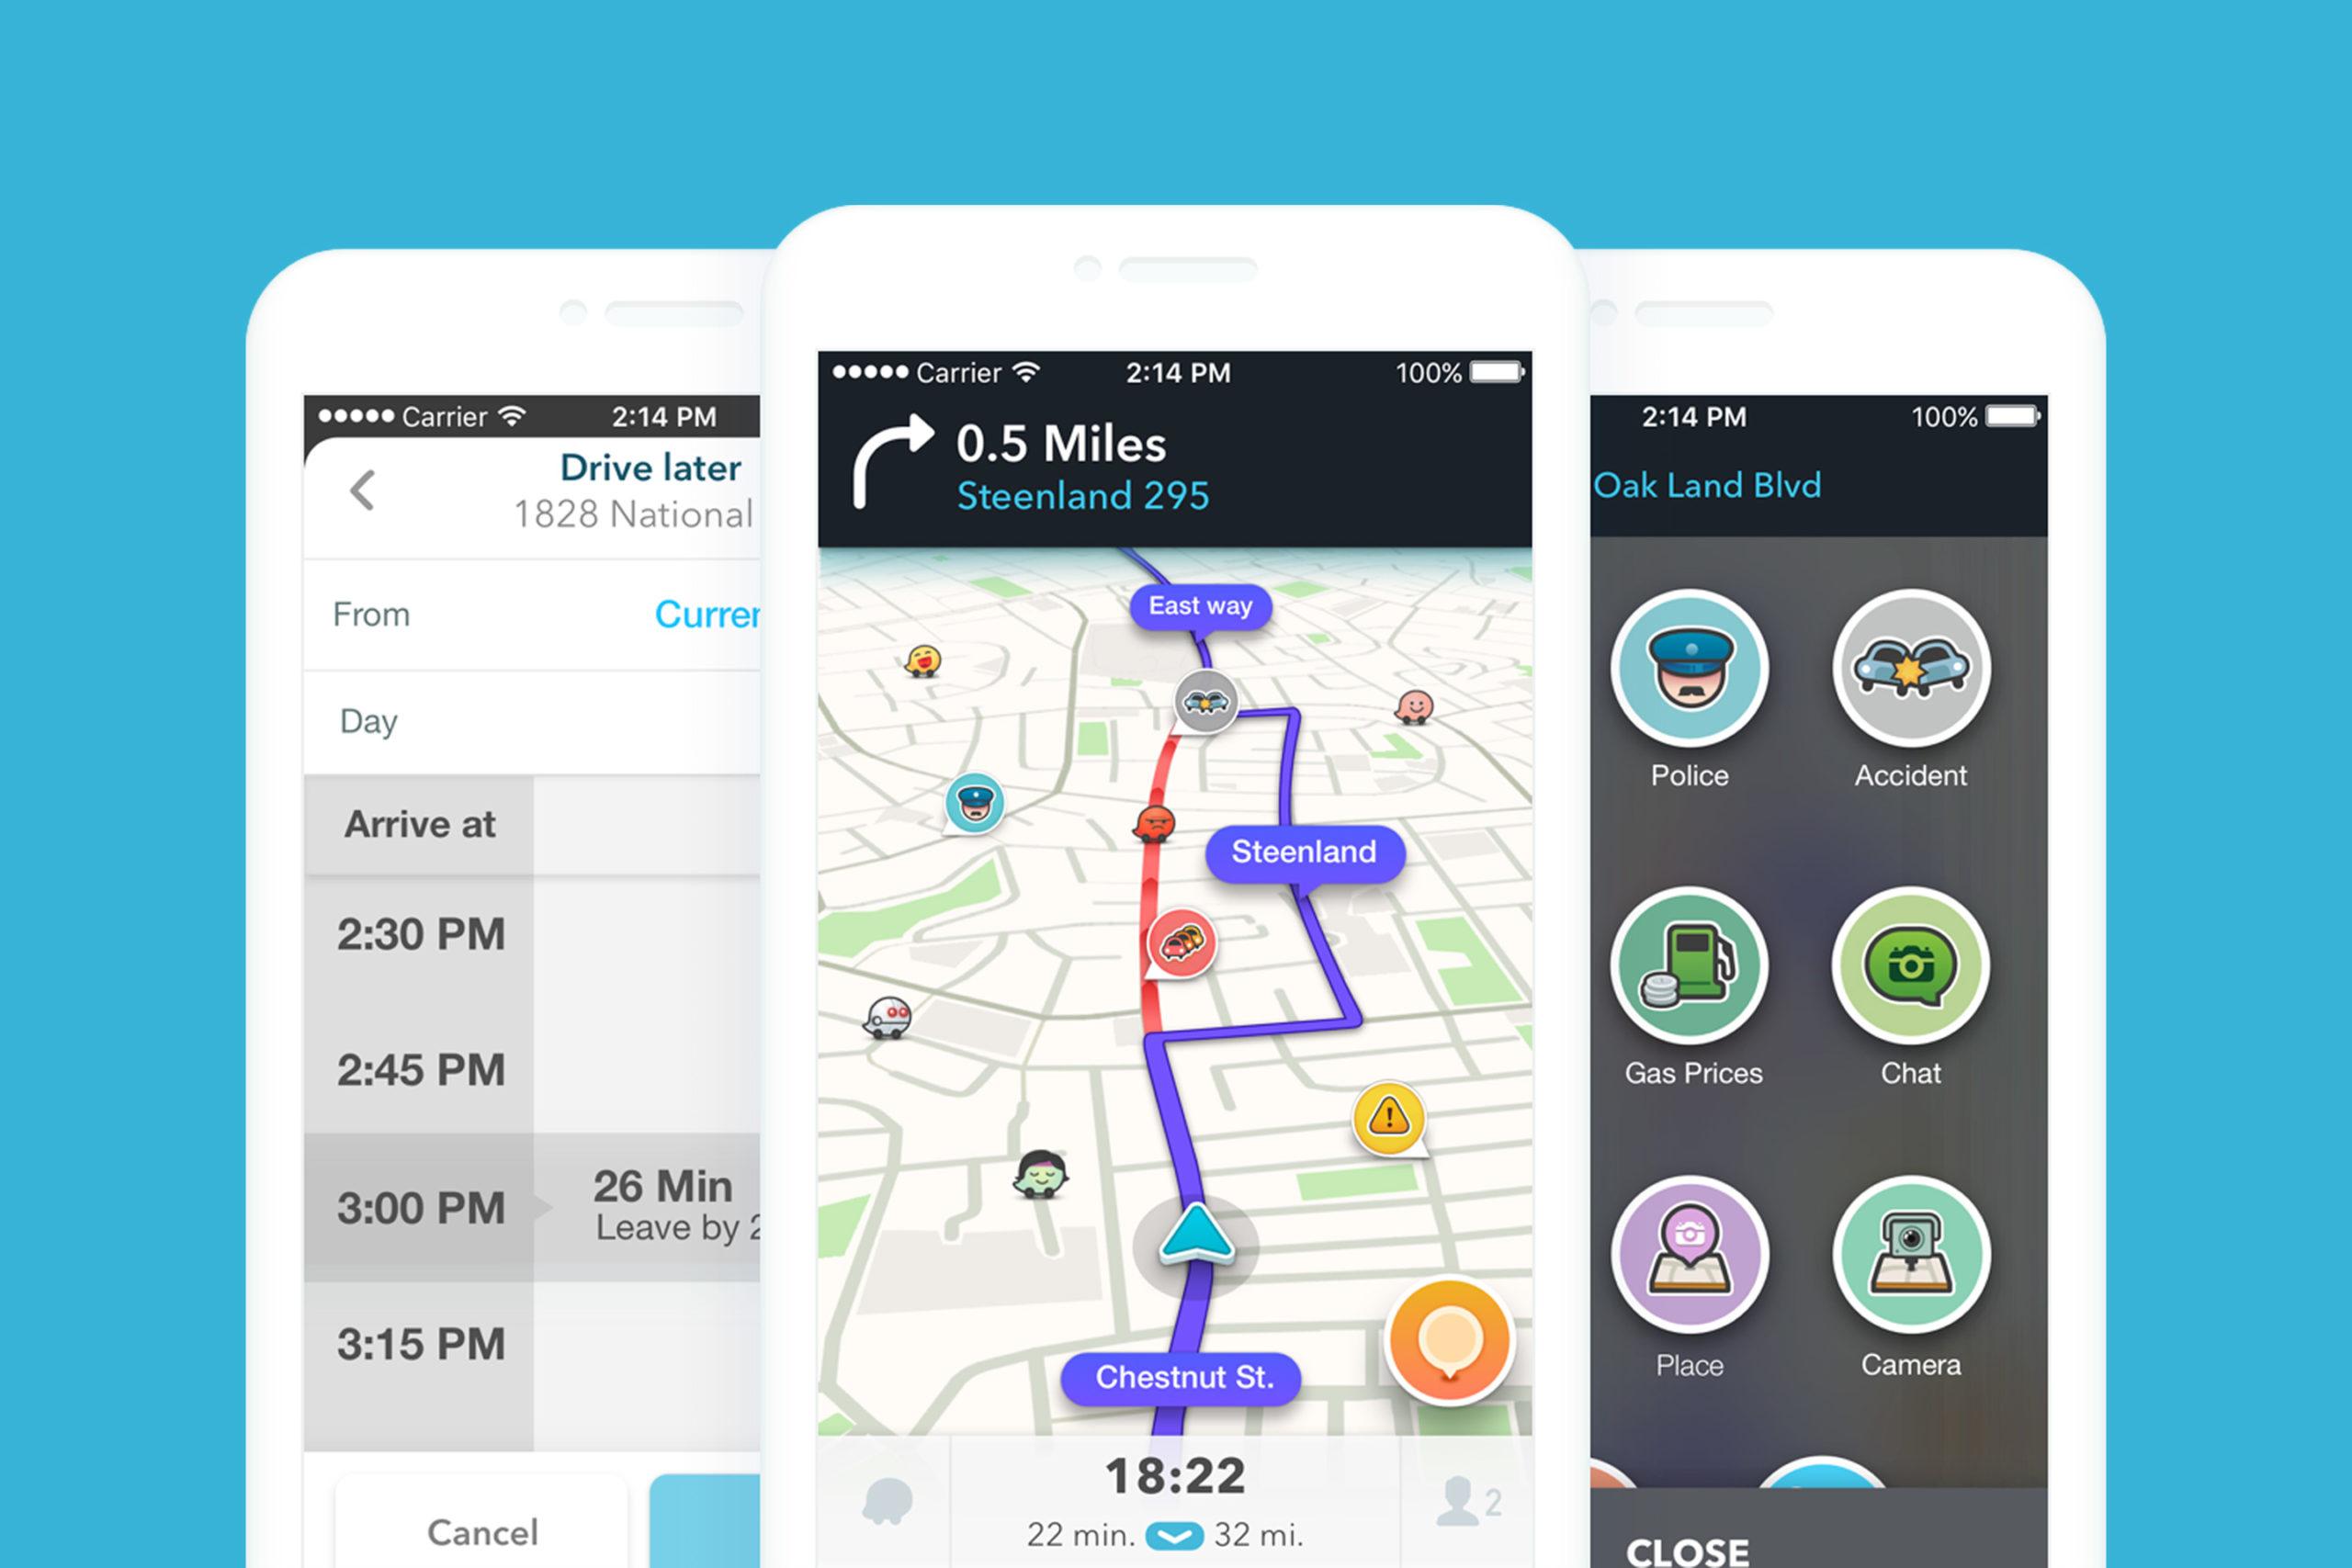 ¿Cómo solucionarlo? Desafortunadamente, Waze ha dejado de funcionar y se produce un error de bloqueo en cualquier teléfono.